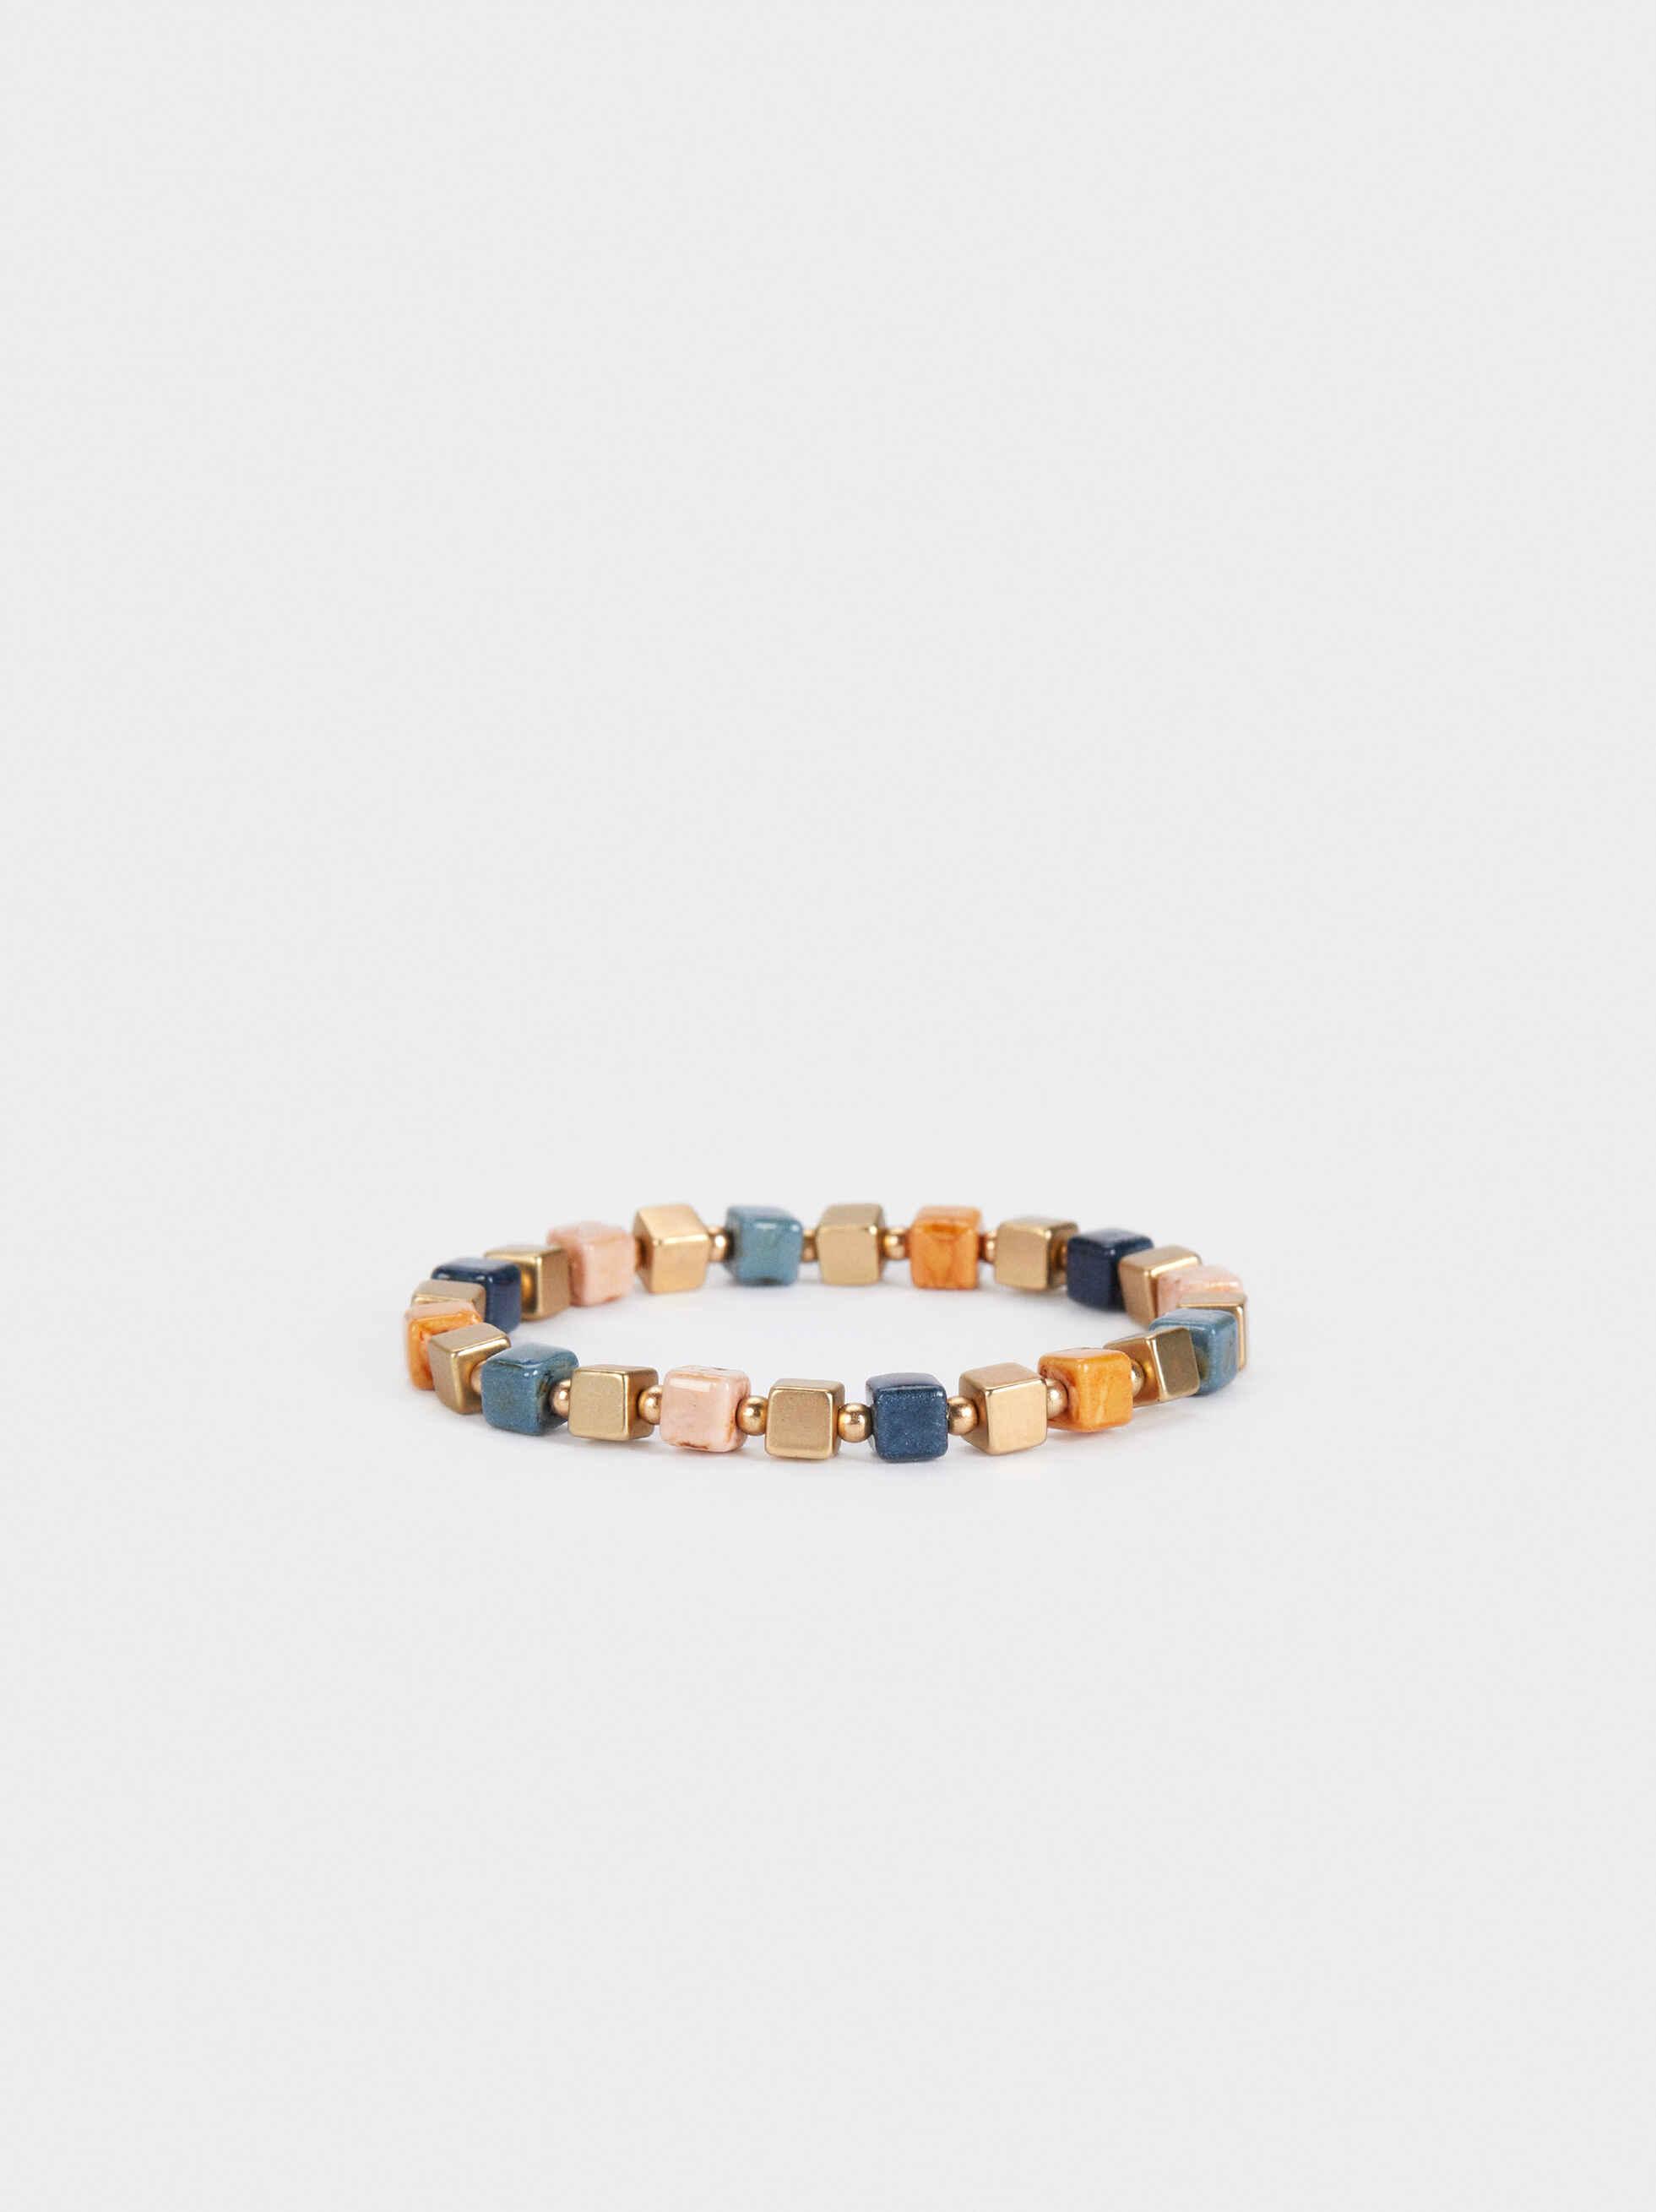 Gold Elasticated Bracelet With Gems, Multicolor, hi-res